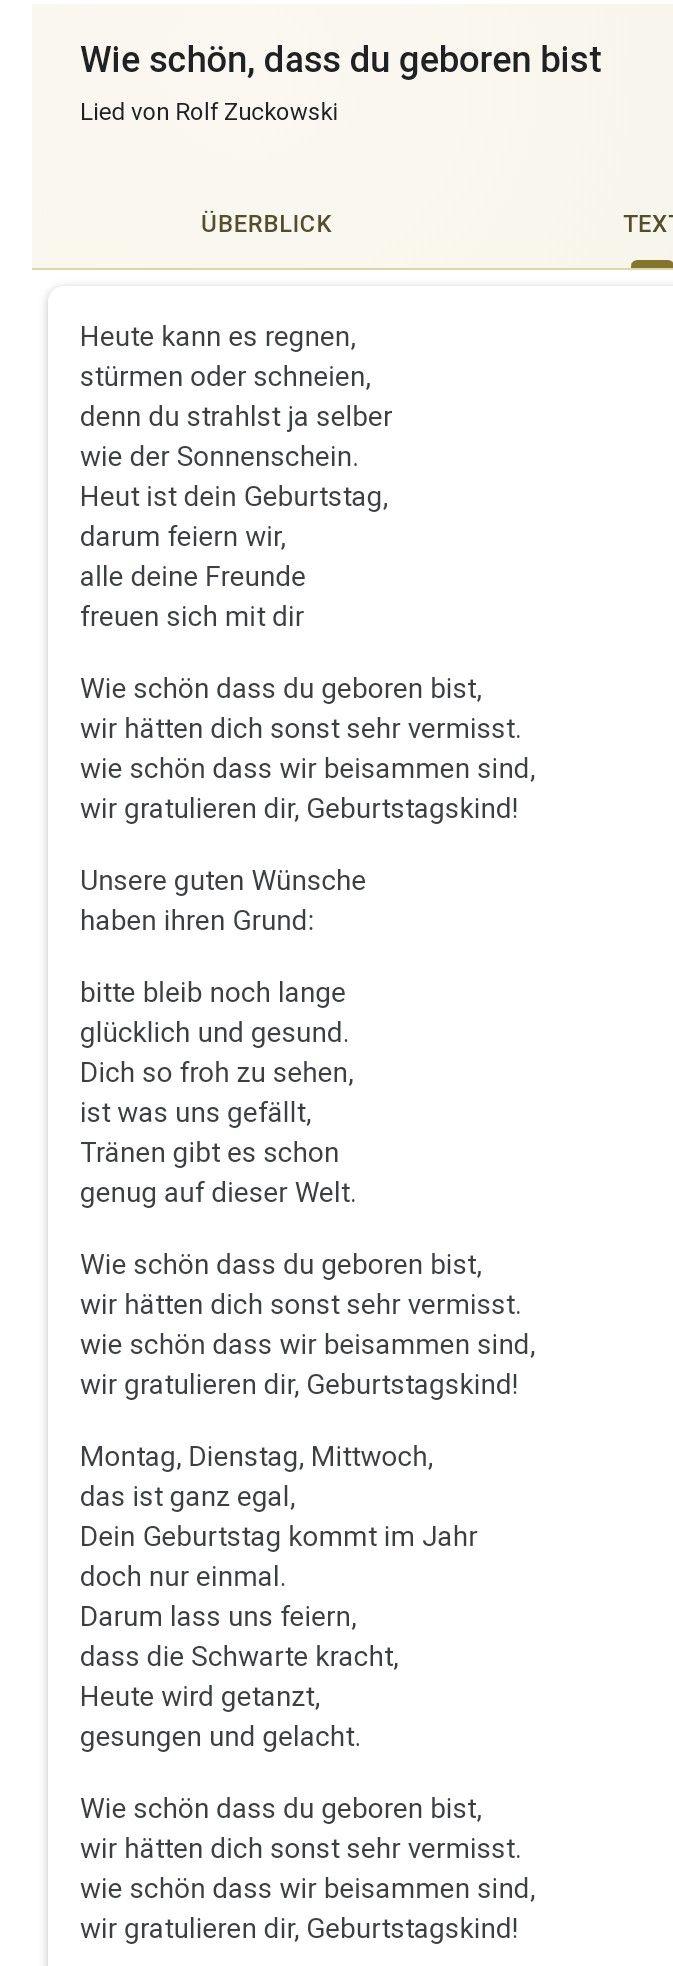 Heute Kann Es Regnen Stürmen Oder Schneien Text Noten Pin Von Vera Stoll Auf Lieder Kinder Lied Kinderlieder Lieder